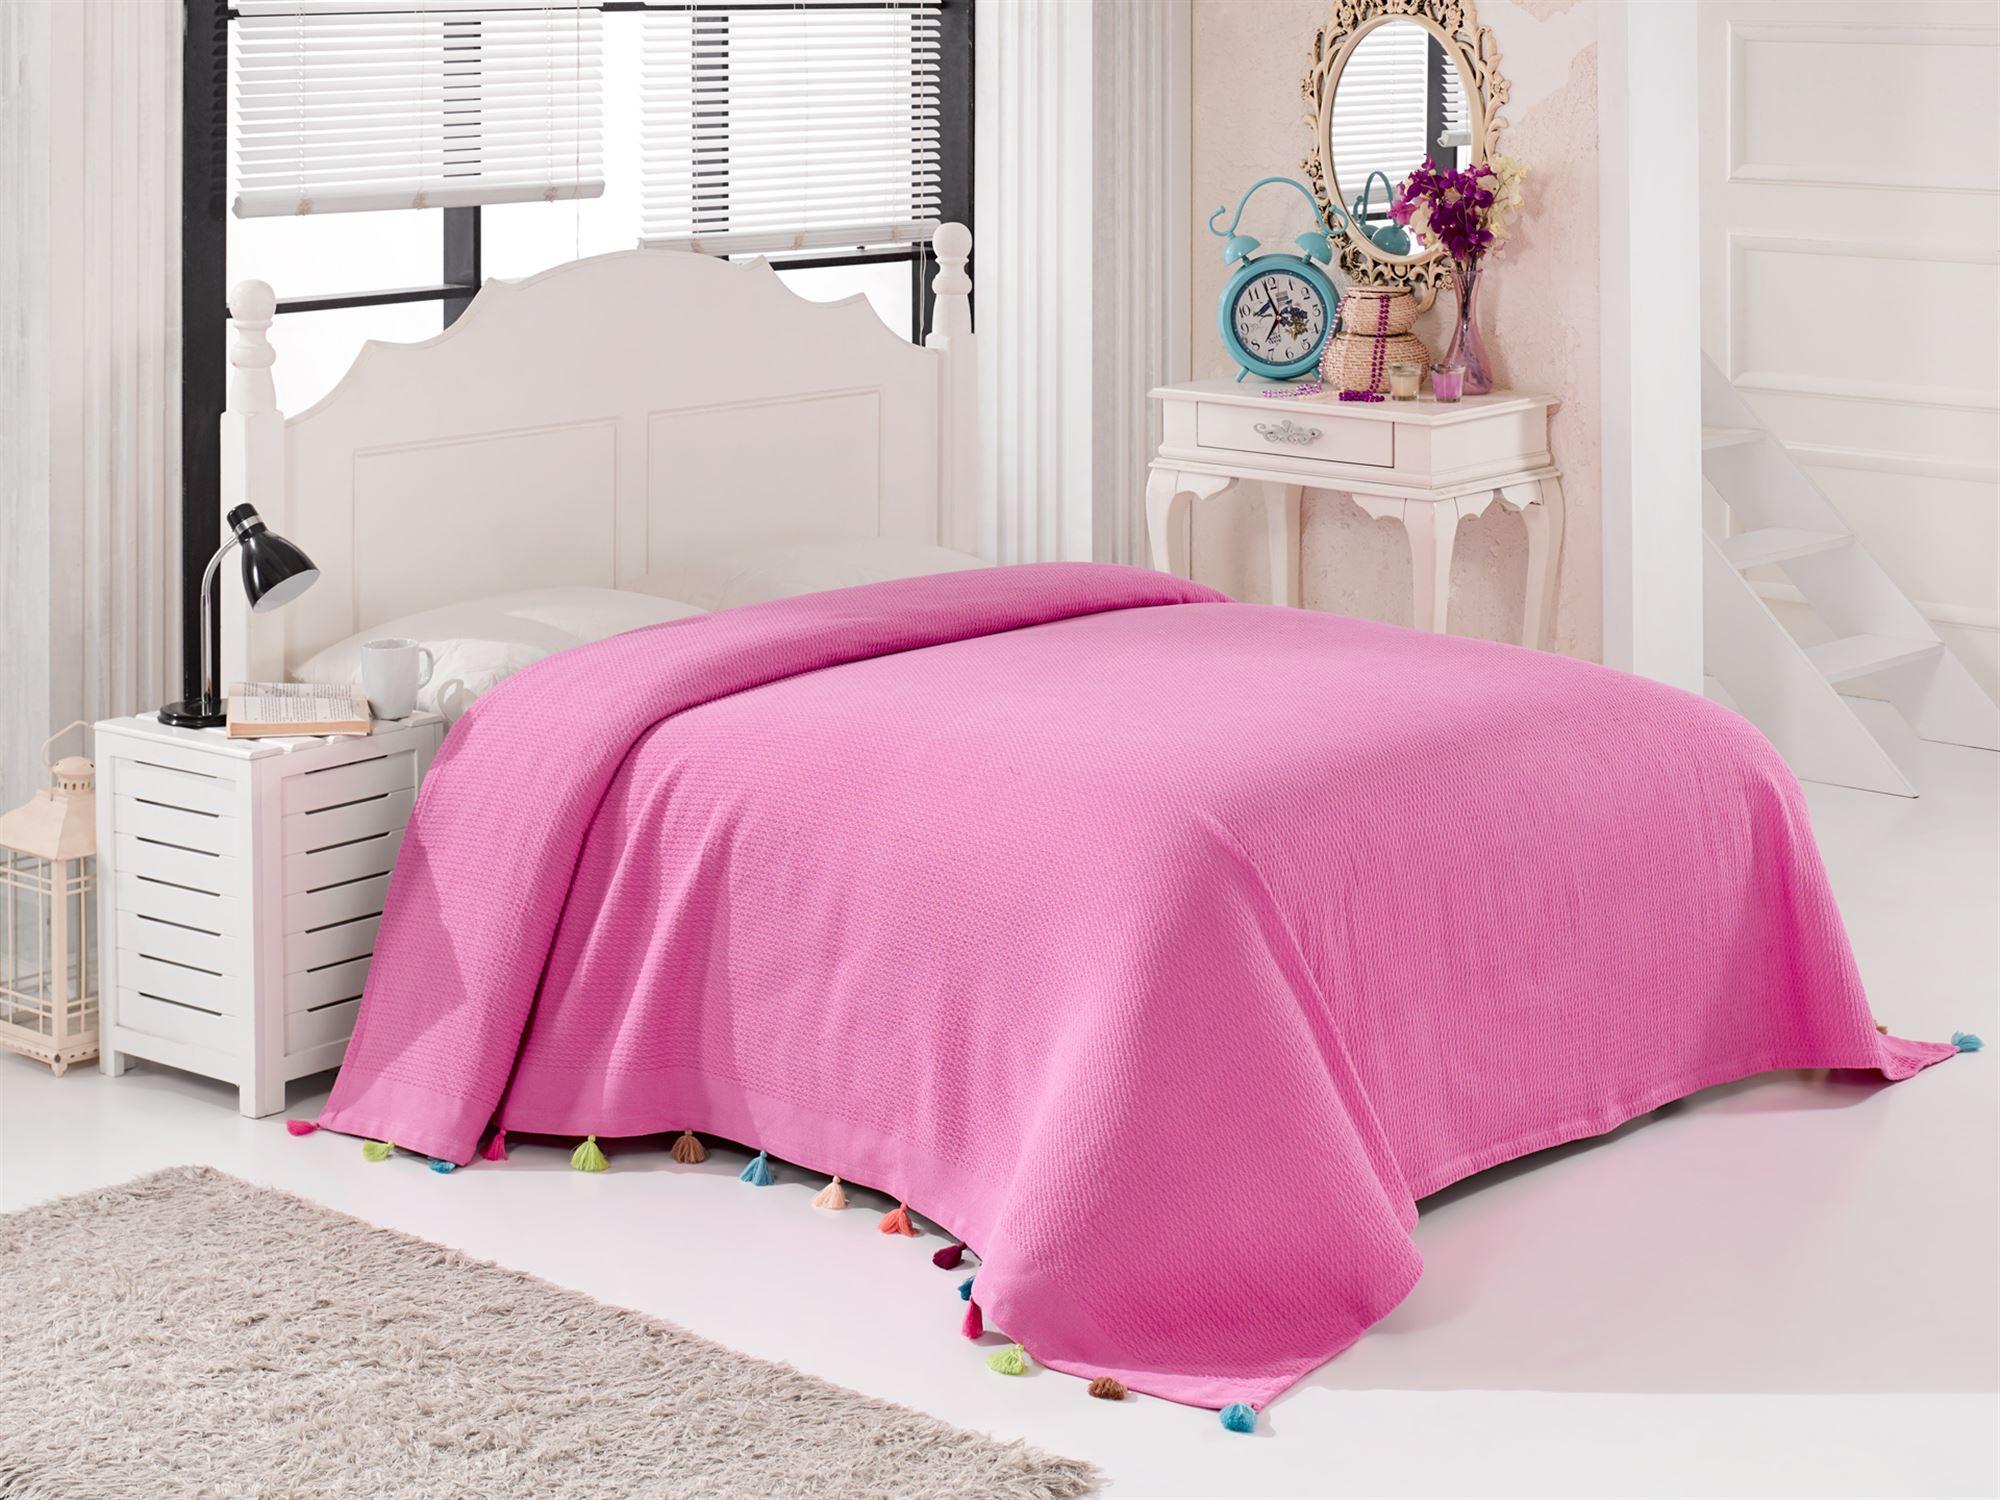 Купить Пледы и покрывала DO'n'CO, Покрывало Pop Цвет: Розовый (230х240 см), Турция, Пике из хлопка